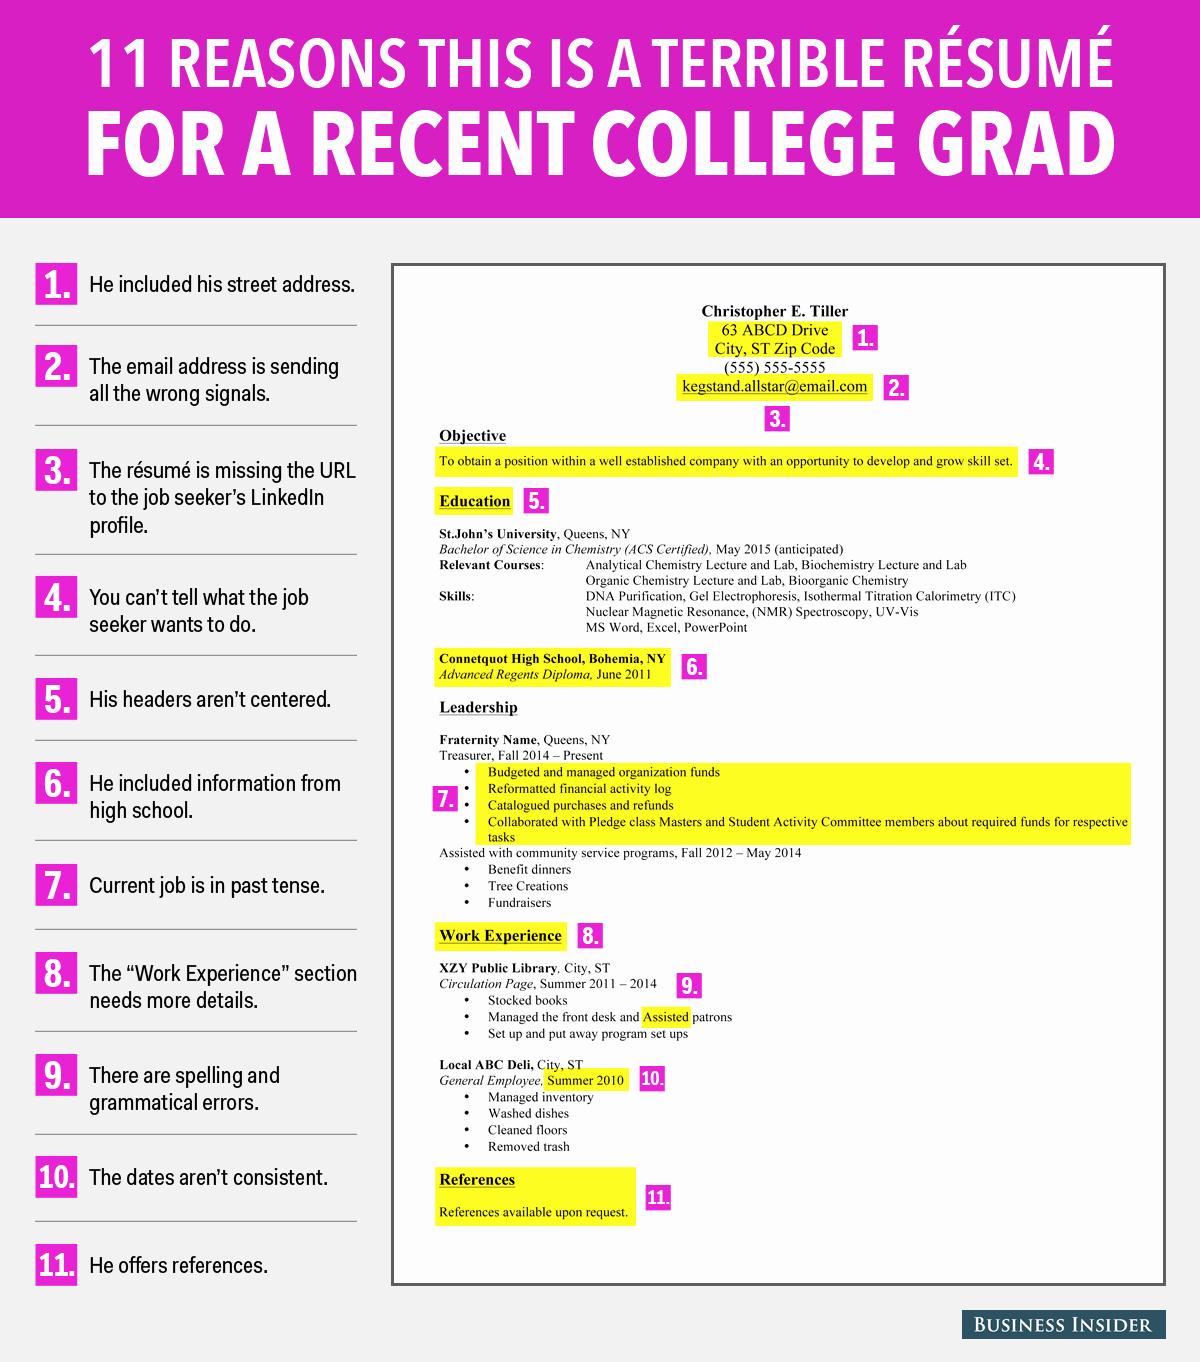 Resume for Recent College Grad Unique Terrible Resume for A Recent College Grad Business Insider